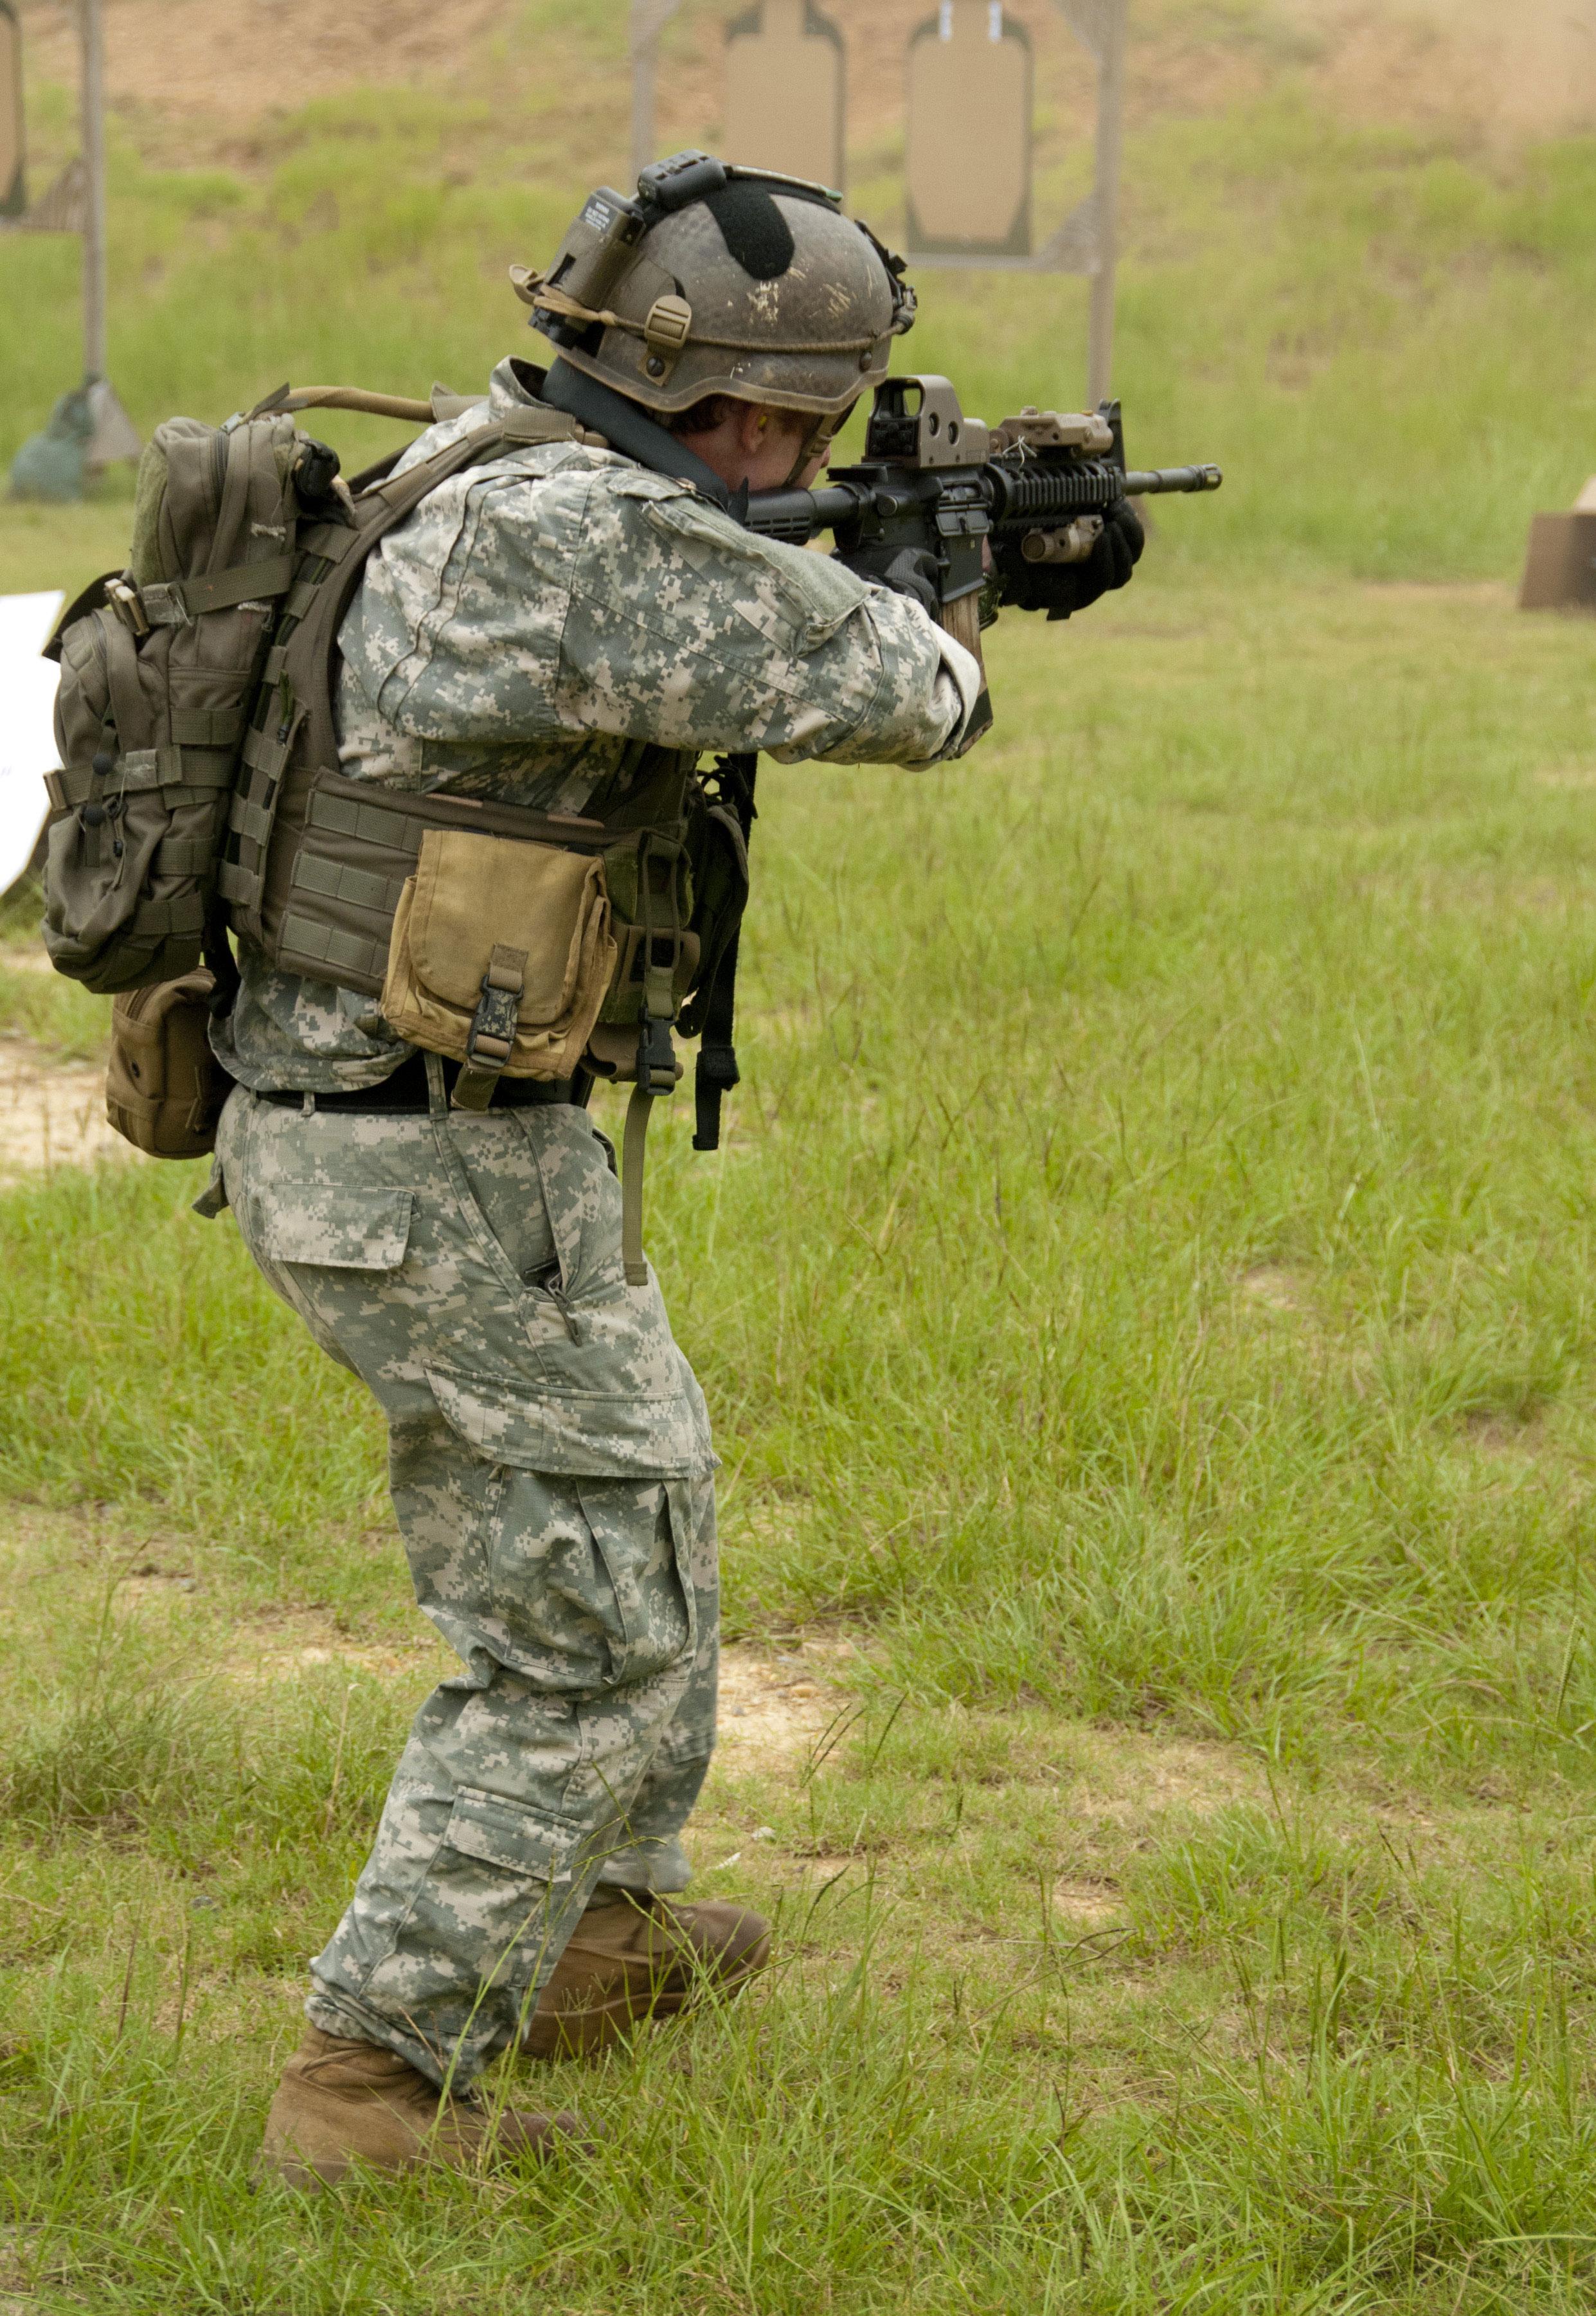 army-ranger-soldier-hr.jpg